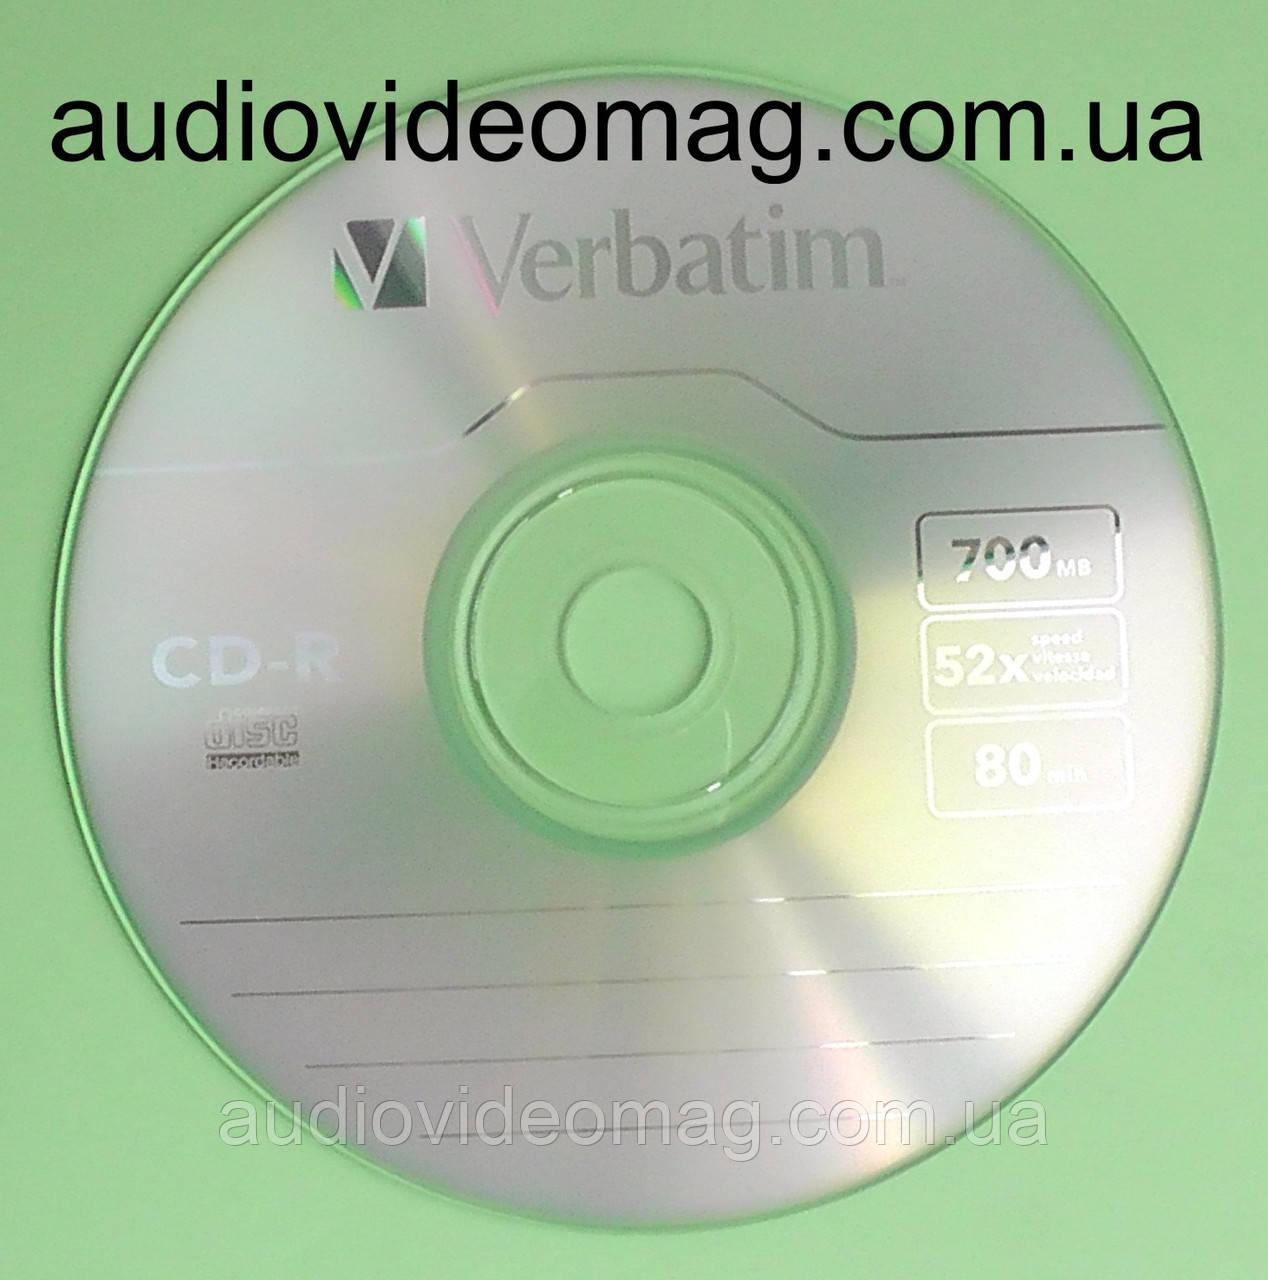 Диск CD-R Verbatim 700 Mb 52x 80min